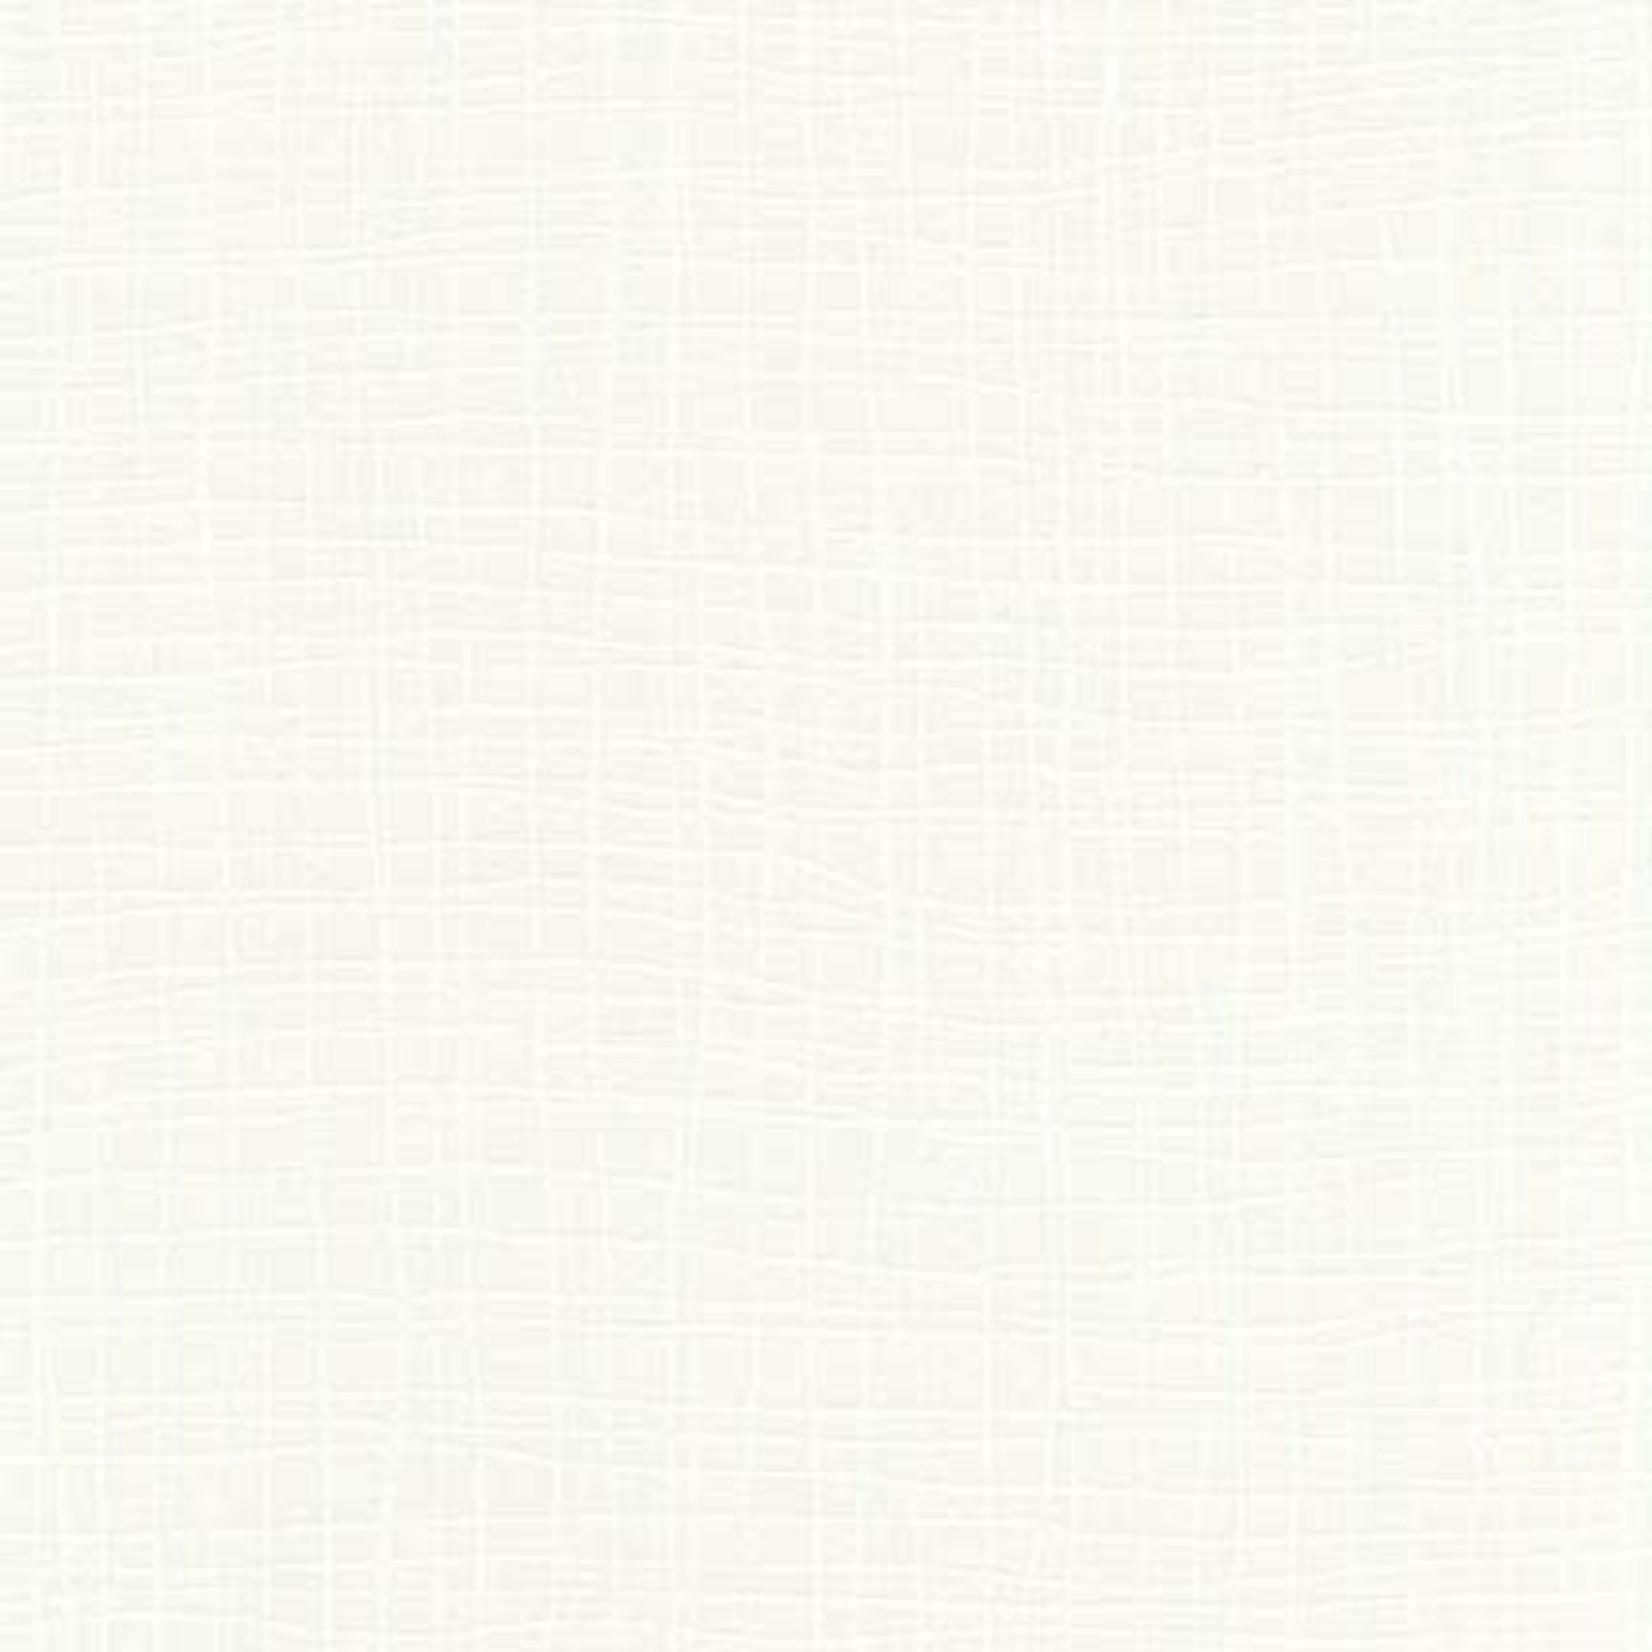 ROBERT KAUFMAN PEN & INK 2 PER CM OR $21/M